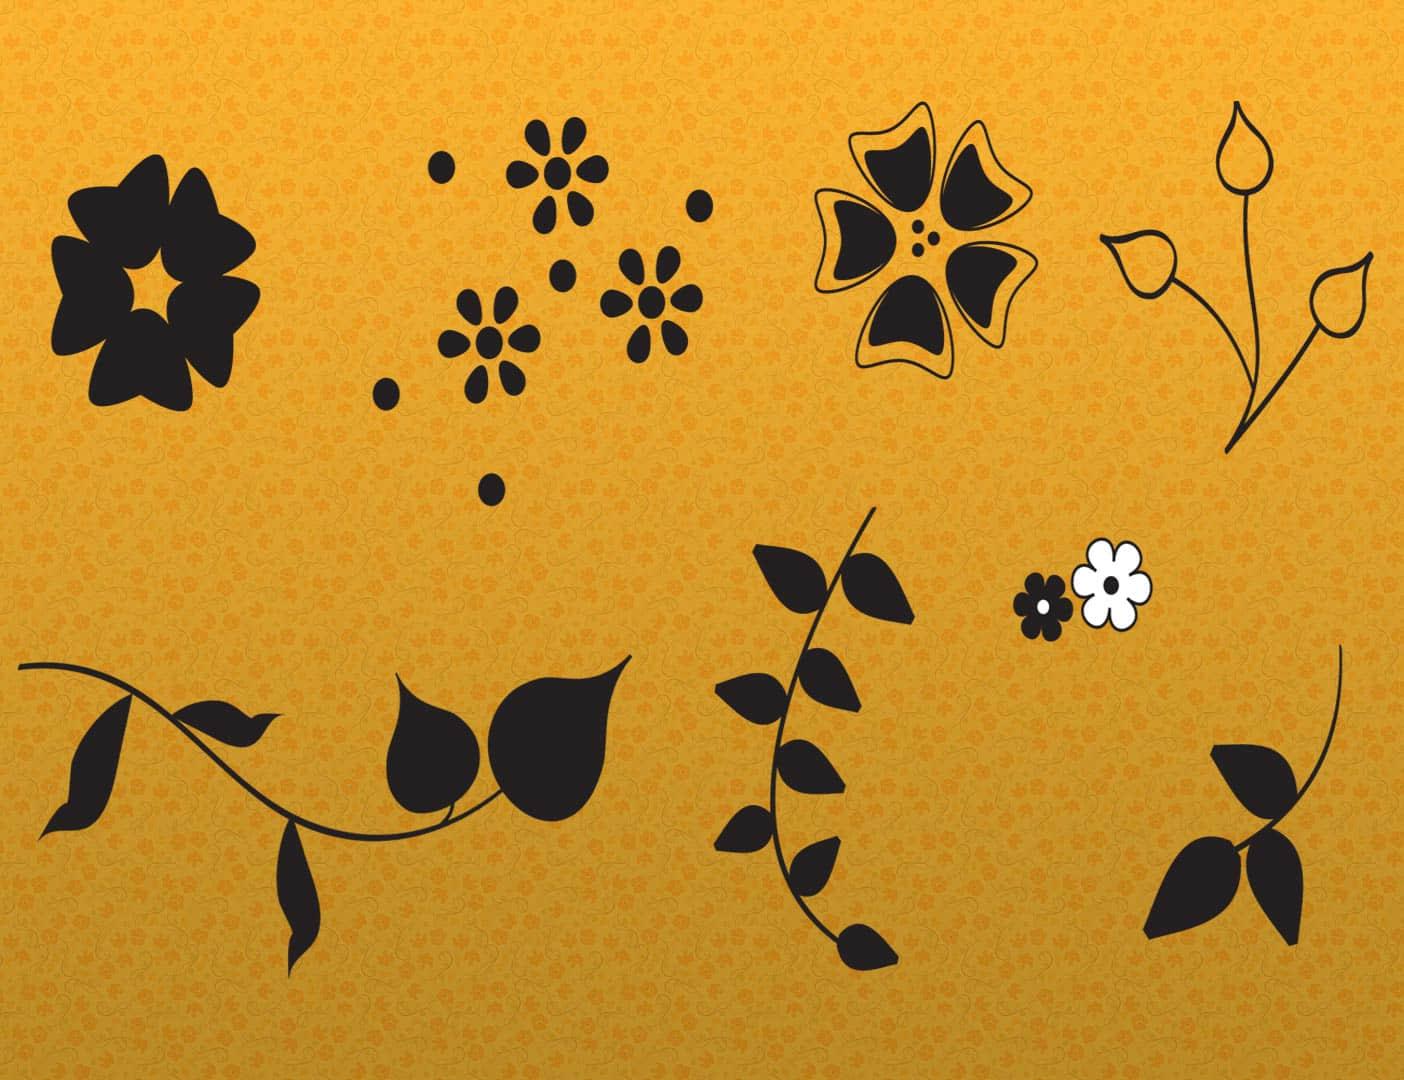 简单植物花纹图案PS笔刷下载 植物花纹笔刷  flowers brushes